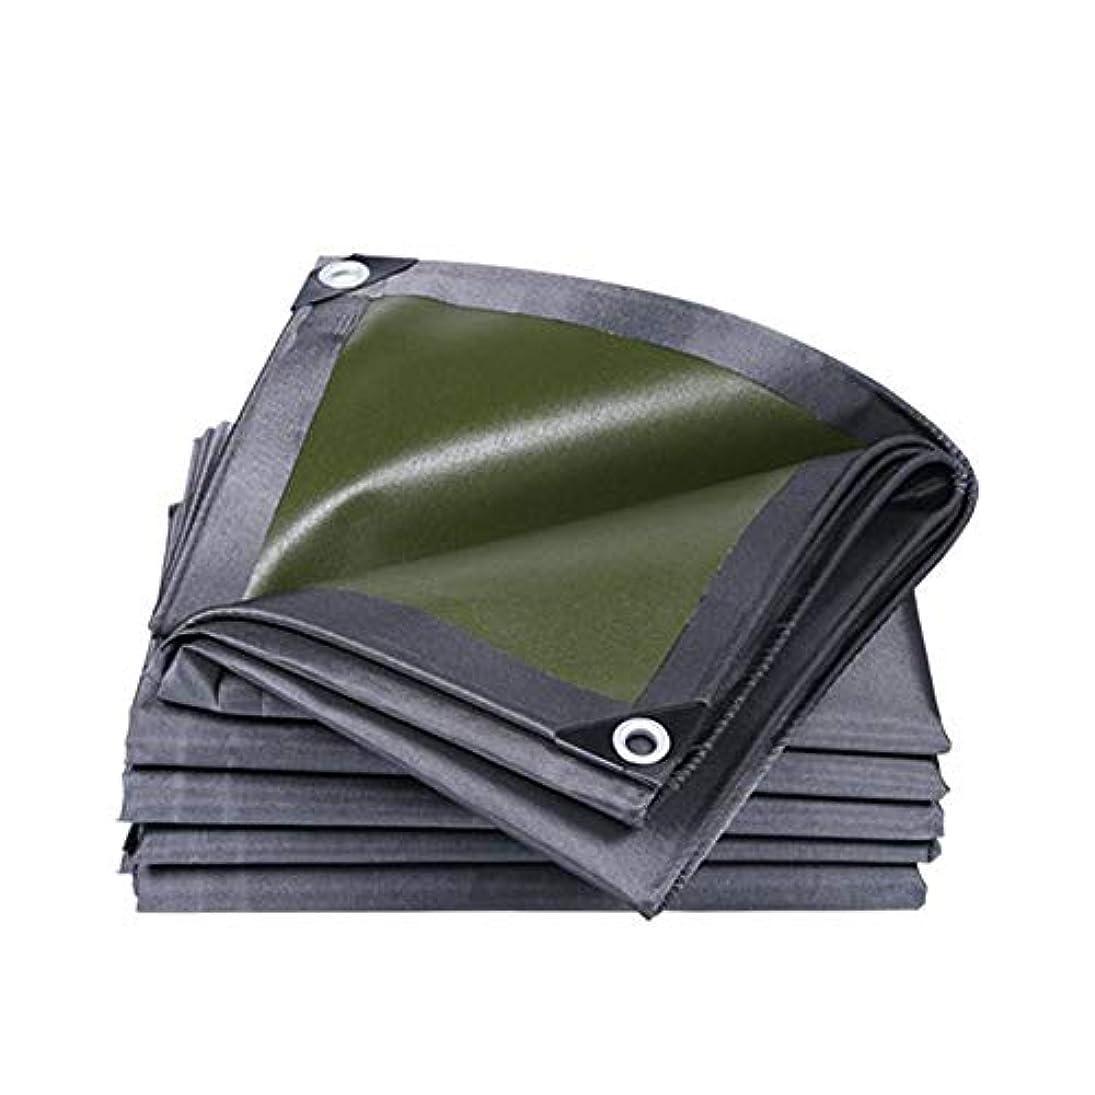 払い戻し静かにパースブラックボロウXIAOYAN タープ 屋外の厚い防水シートオイルの布1200Dオックスフォードの布の防水日焼け止めトラックカバー600g /㎡0.60mmの厚さ